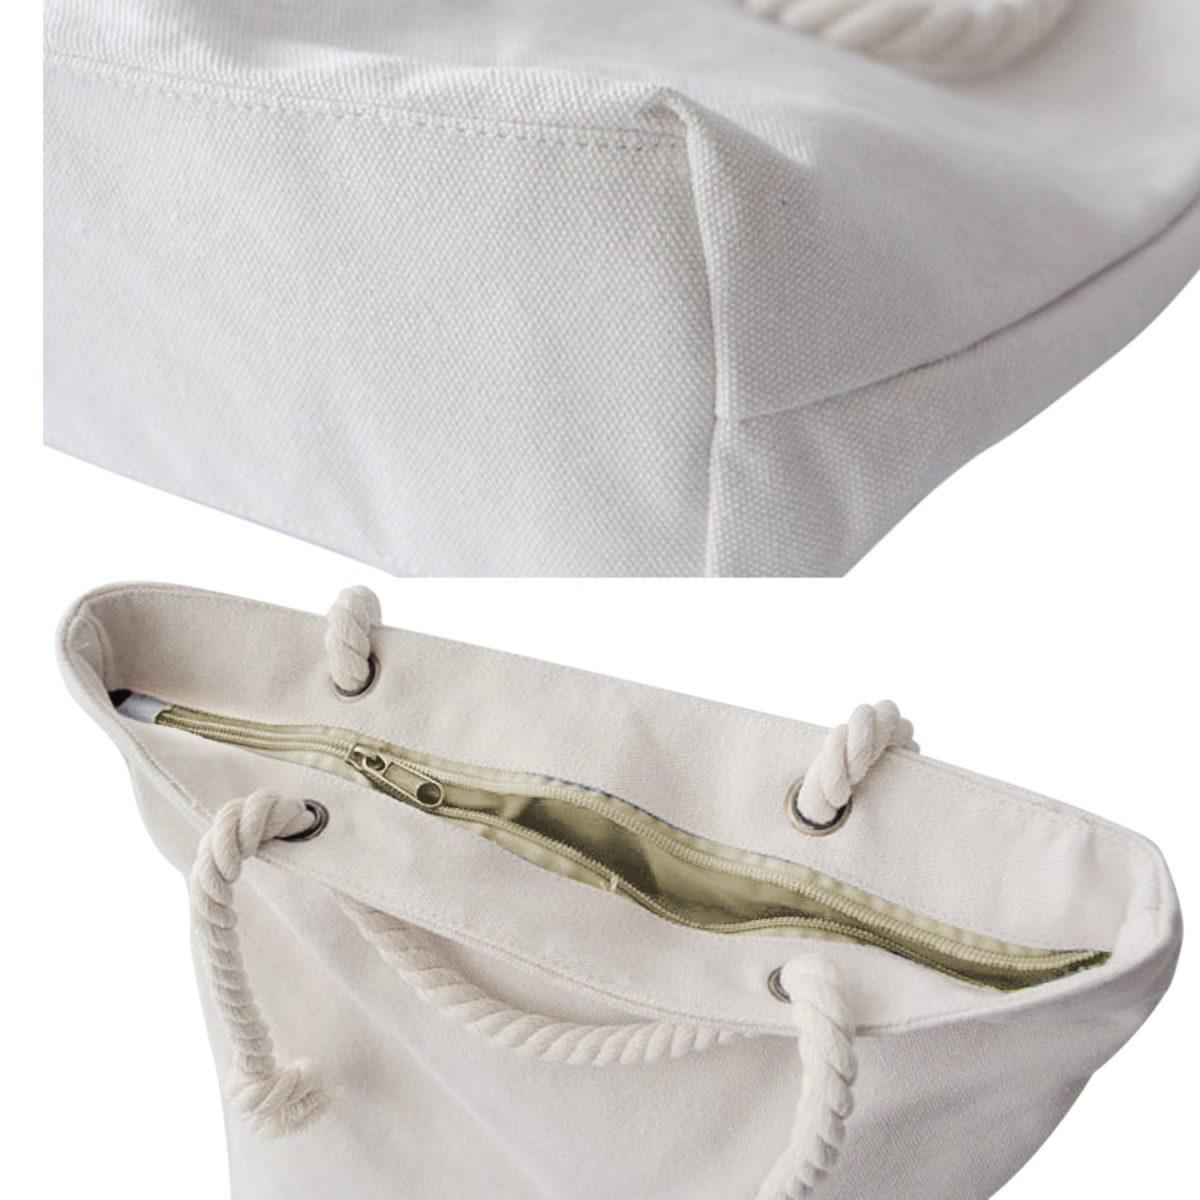 Siyah Beyaz Geometrik Yuvarlak Tasarımlı Modern Fermuarlı Kumaş Çanta Realhomes